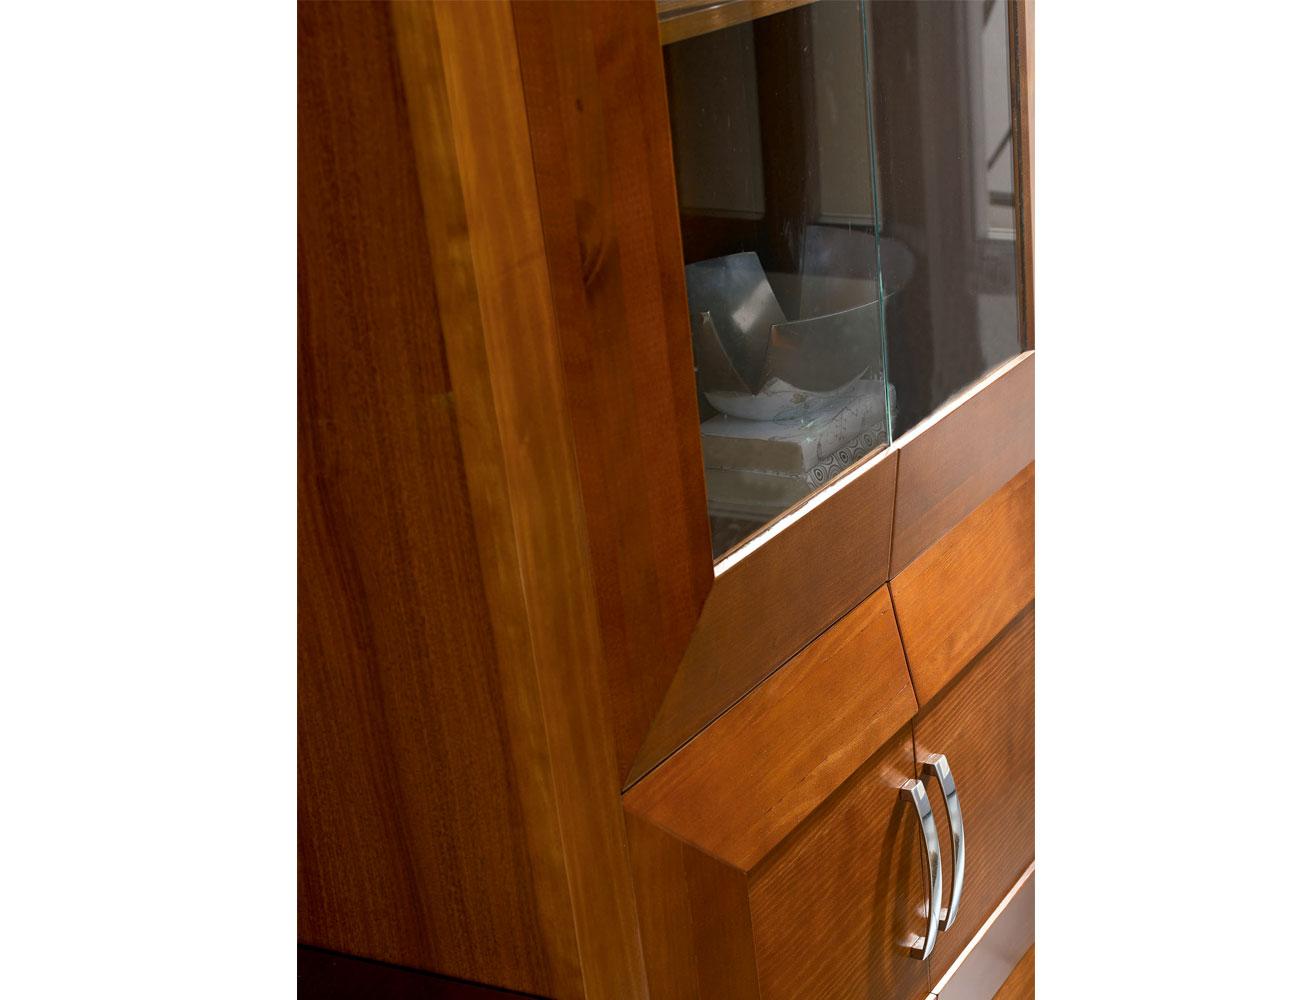 Mueble de sal n comedor con vitrina y librero 16548 for Factory del mueble cordoba